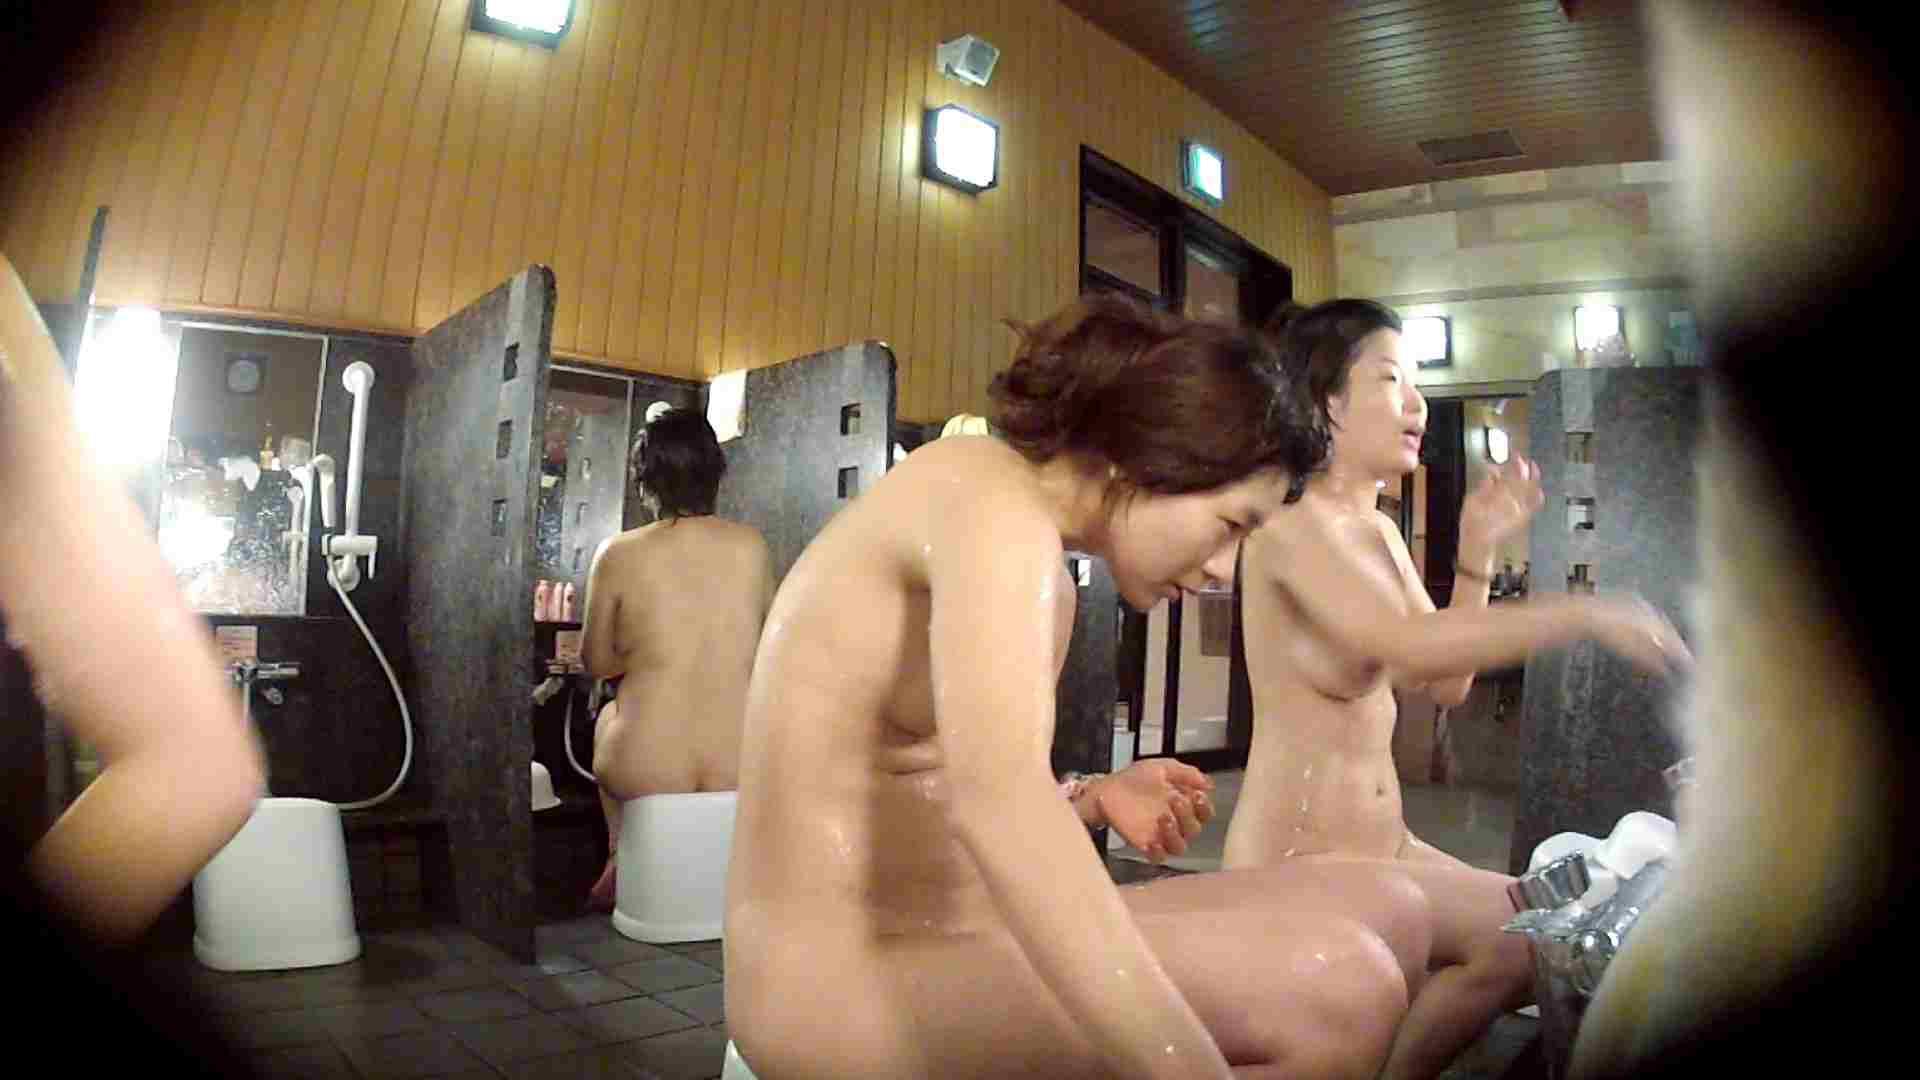 ハイビジョン 洗い場!個人的になんともエロスを感じます。 潜入 AV無料動画キャプチャ 82画像 23